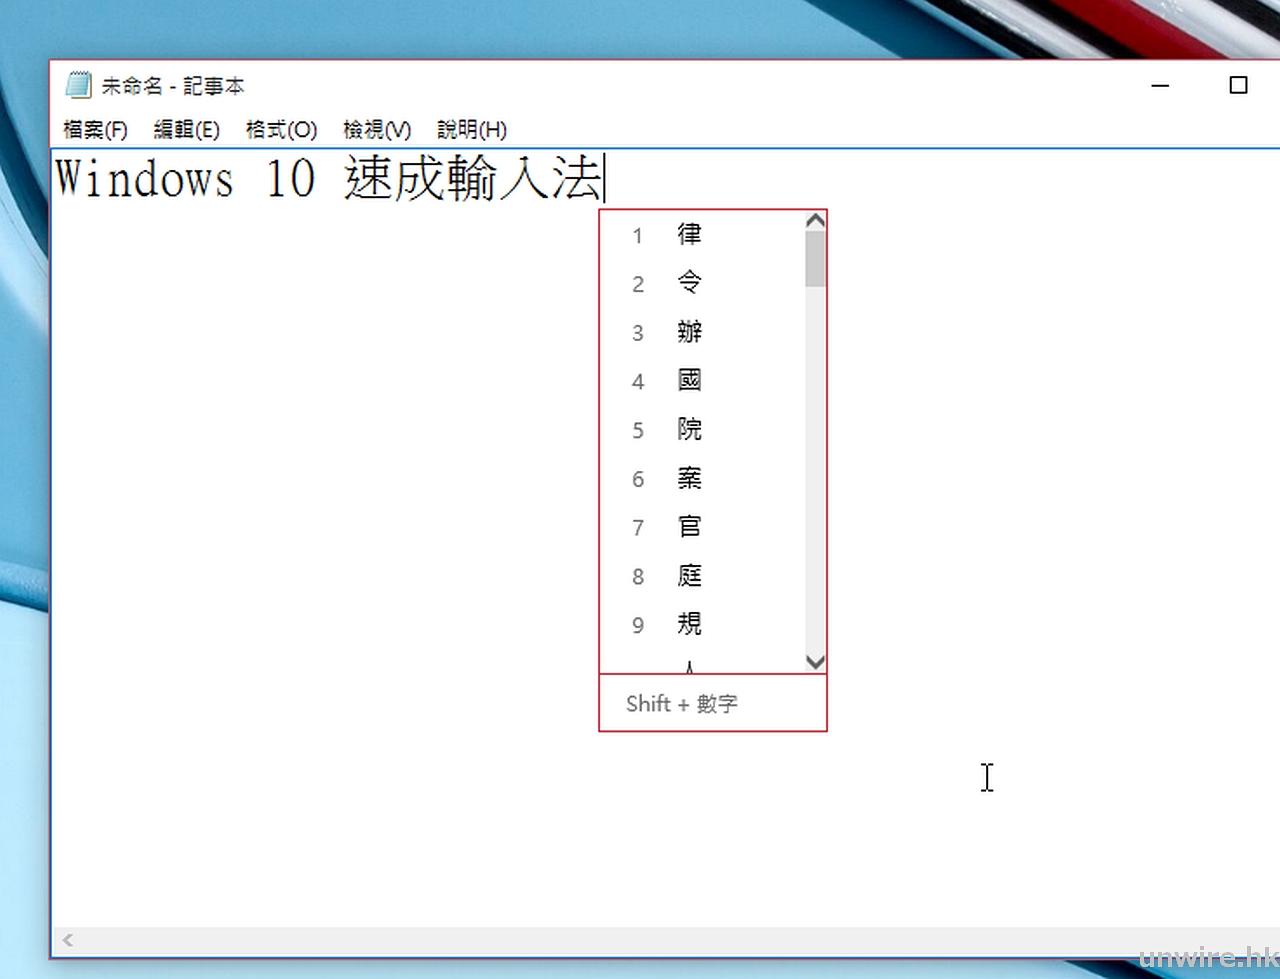 轉用 Windows 10 ? 八大習慣你要改 (附快速備份法) | 香港 UNWIRE.HK 玩生活.樂科技